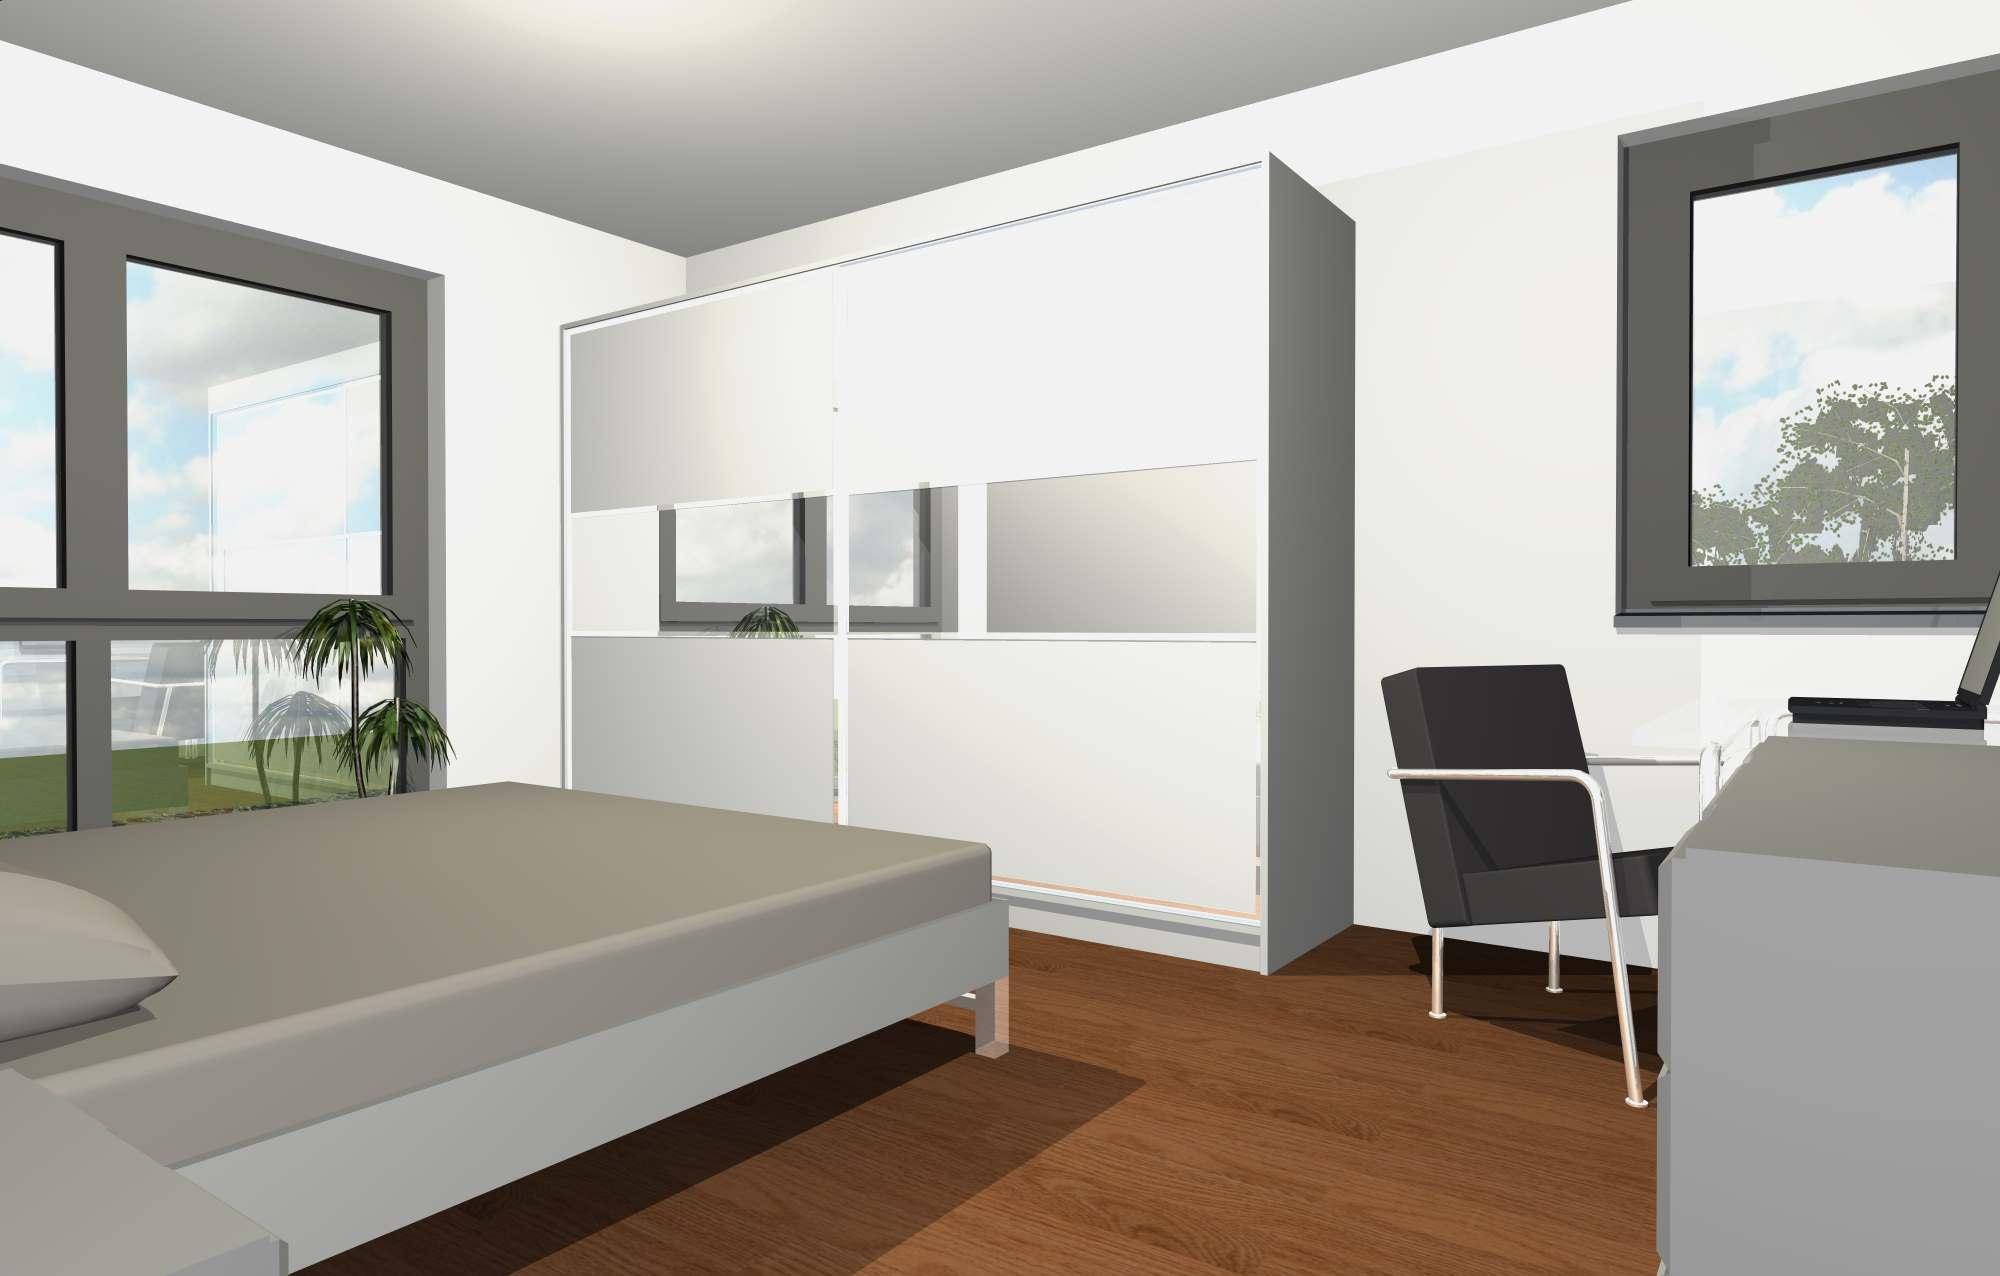 partnerimmobilien verwertungs gmbh wo die freude wohnt und wohlf hlen zuhause ist. Black Bedroom Furniture Sets. Home Design Ideas